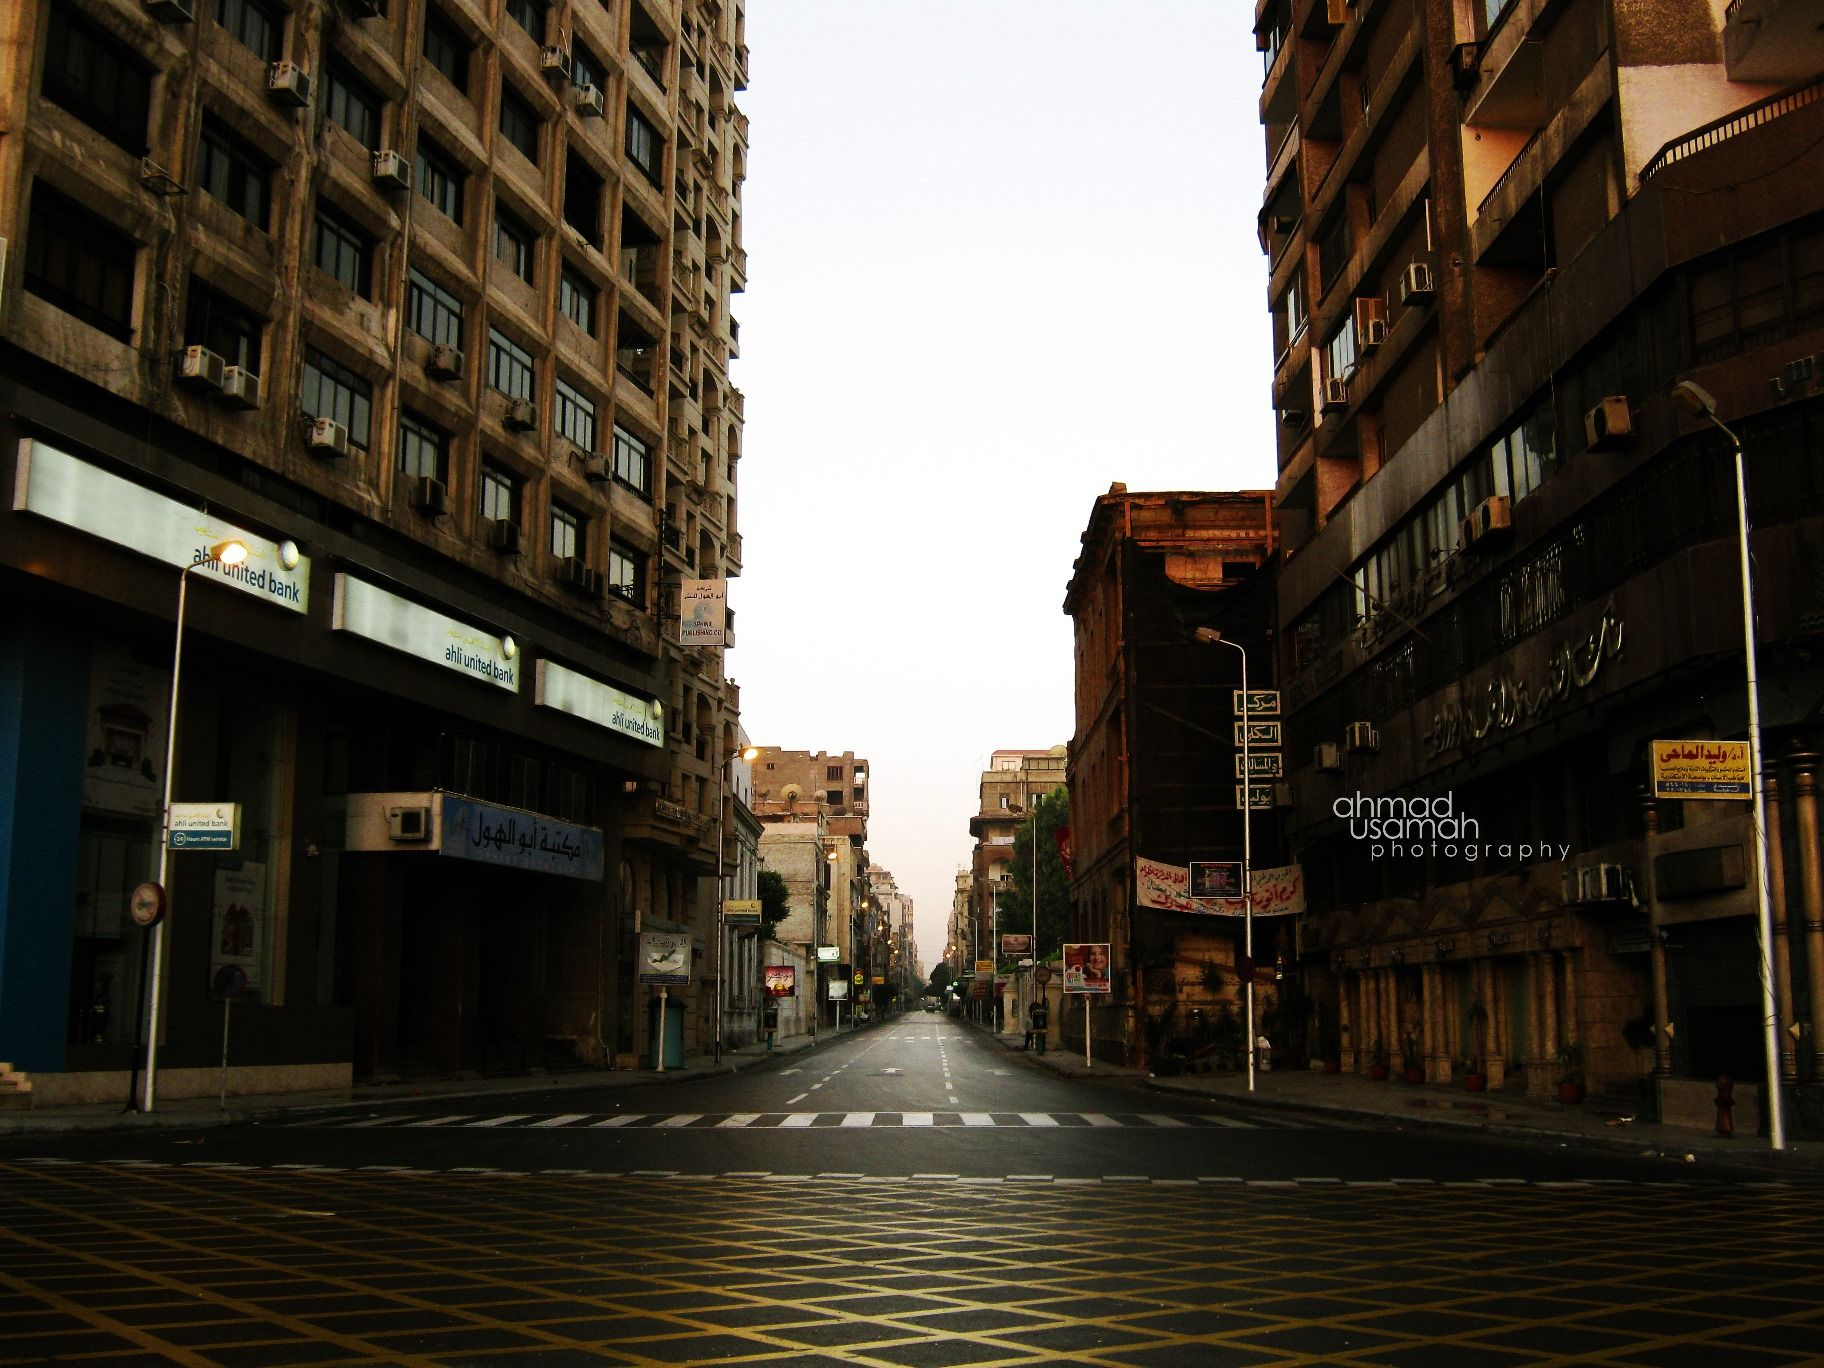 شارع فؤاد اقدم شوارع العالم